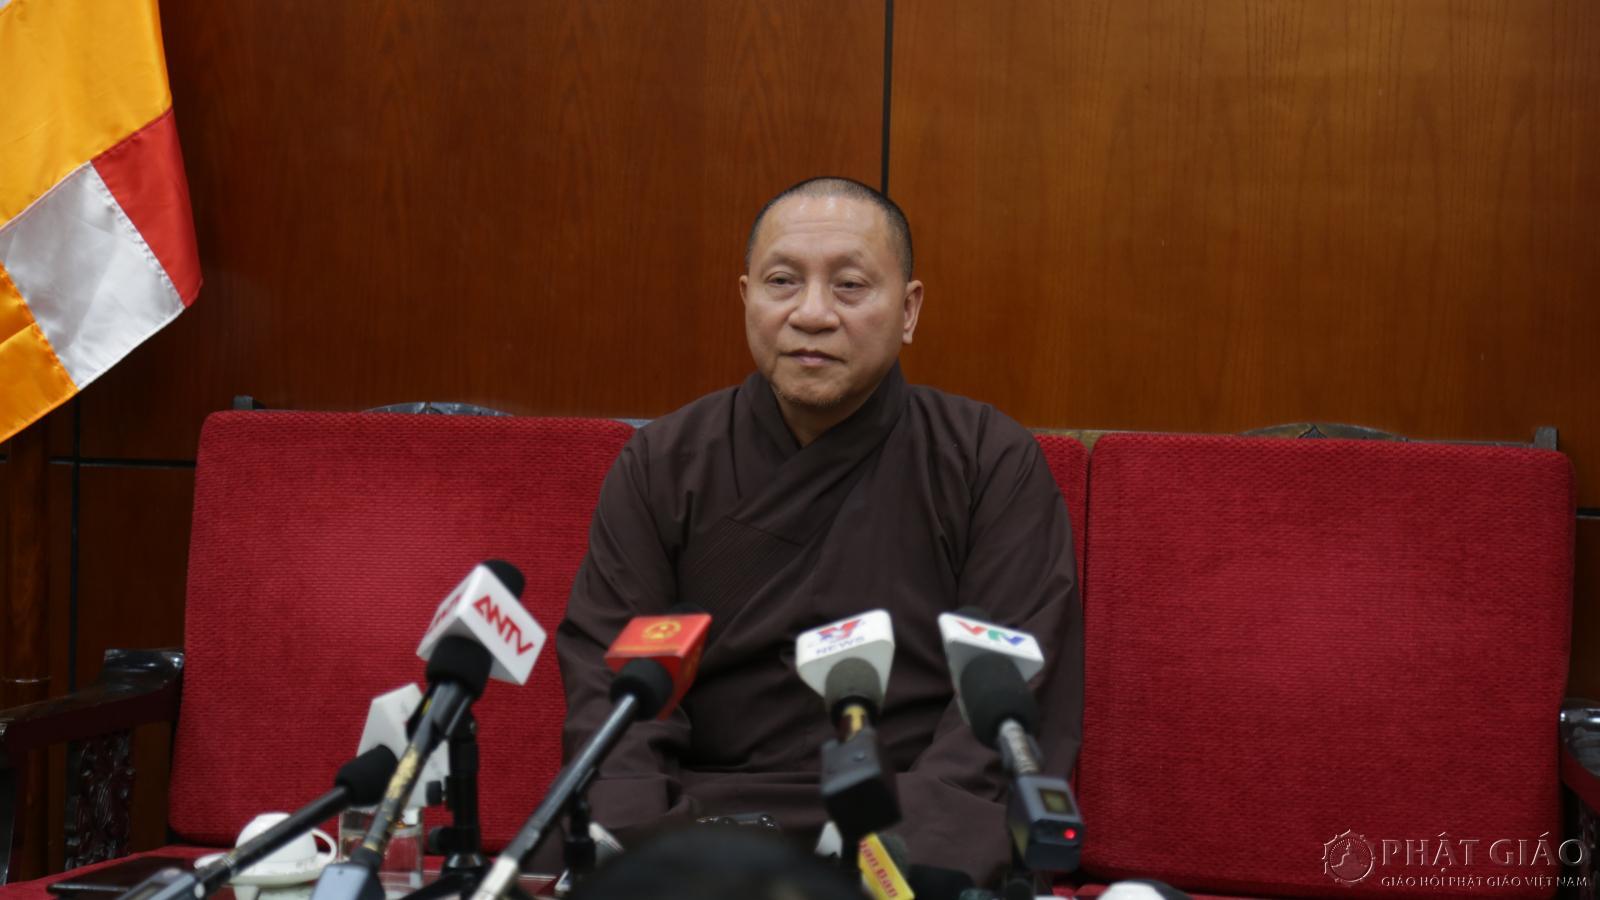 Trụ trì chùa Ba Vàng Trúc Thái Minh vi phạm hiến chương, phải sám hối Đại Tăng Ảnh 2